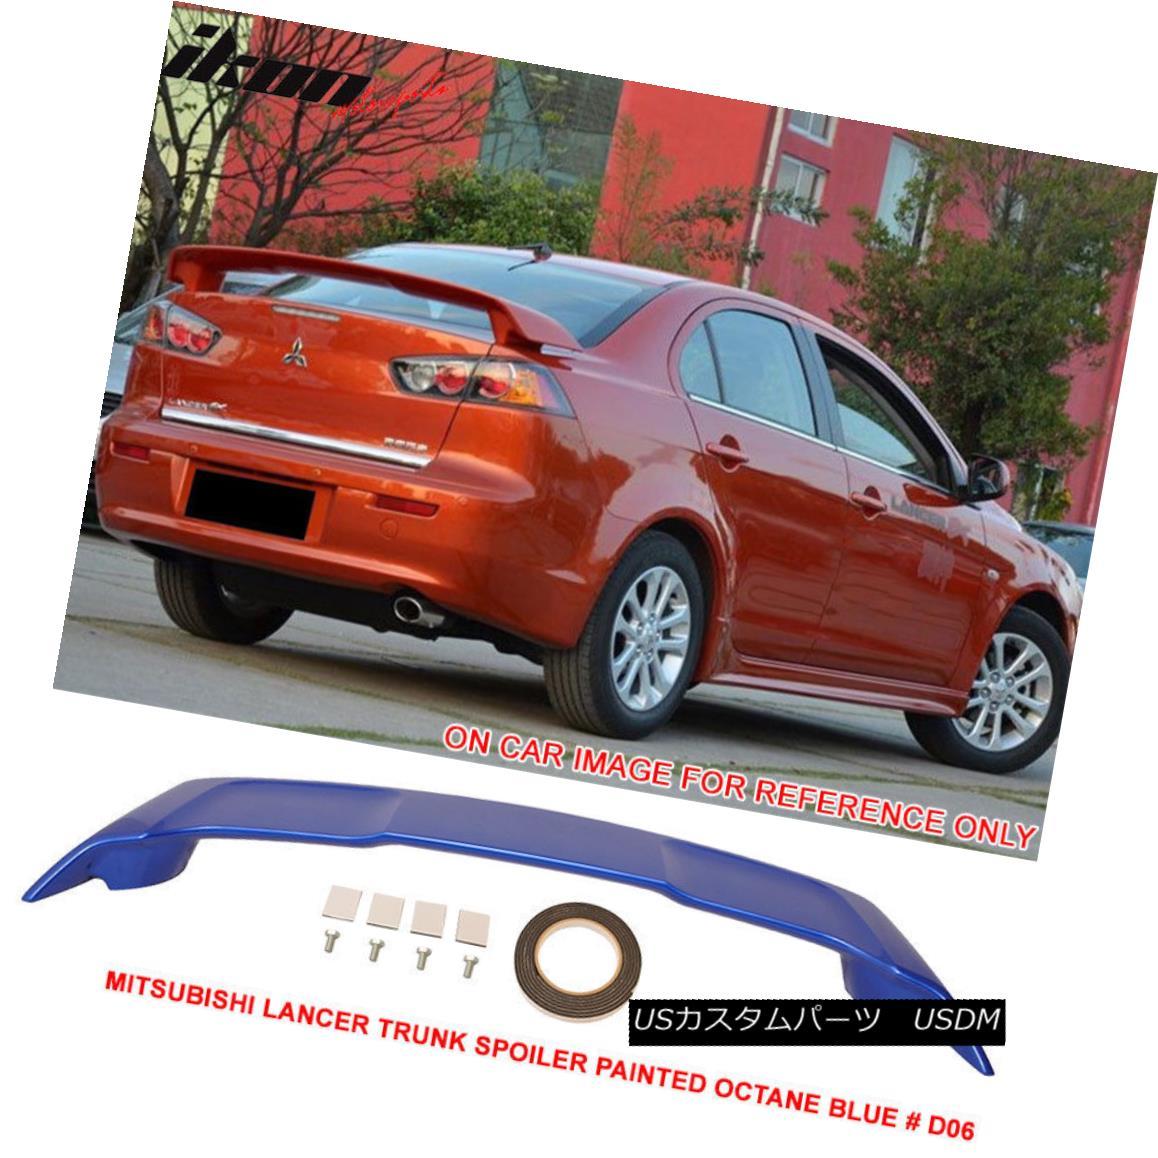 エアロパーツ Fit For 08-17 Mitsubishi Lancer OE Trunk Spoiler Painted Octane Blue # D06 - ABS 08-17三菱ランサーOEトランクスポイラー塗装オクタンブルー#D06 - ABS用